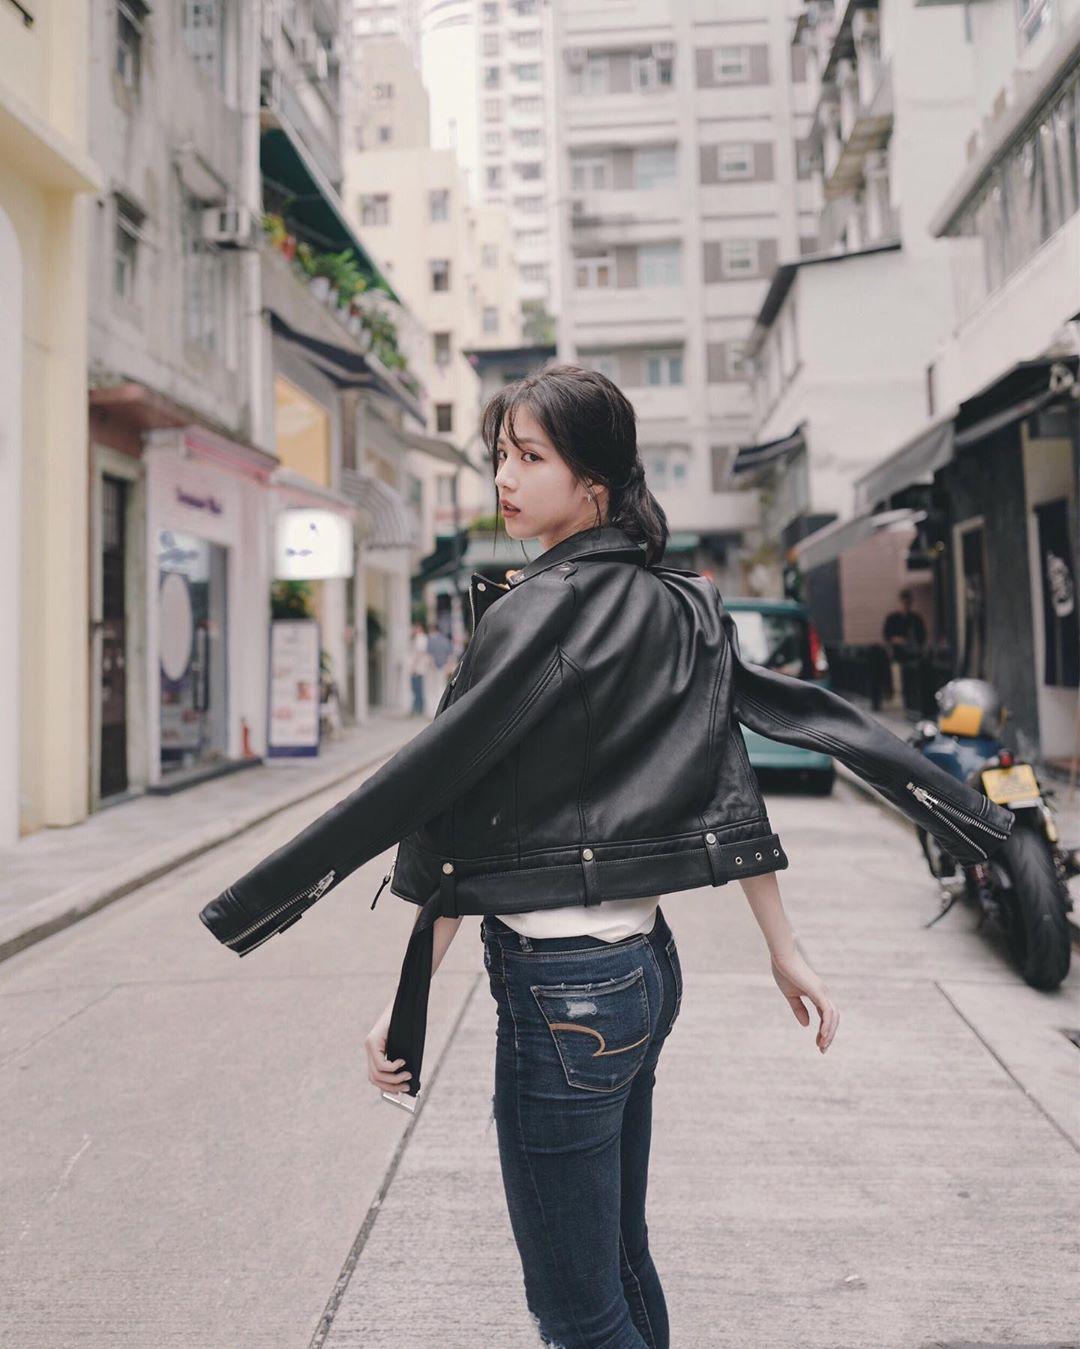 性感選美小姐Hera Chan 陳曉華  雪白肌膚超粉嫩 - 素人正妹 -